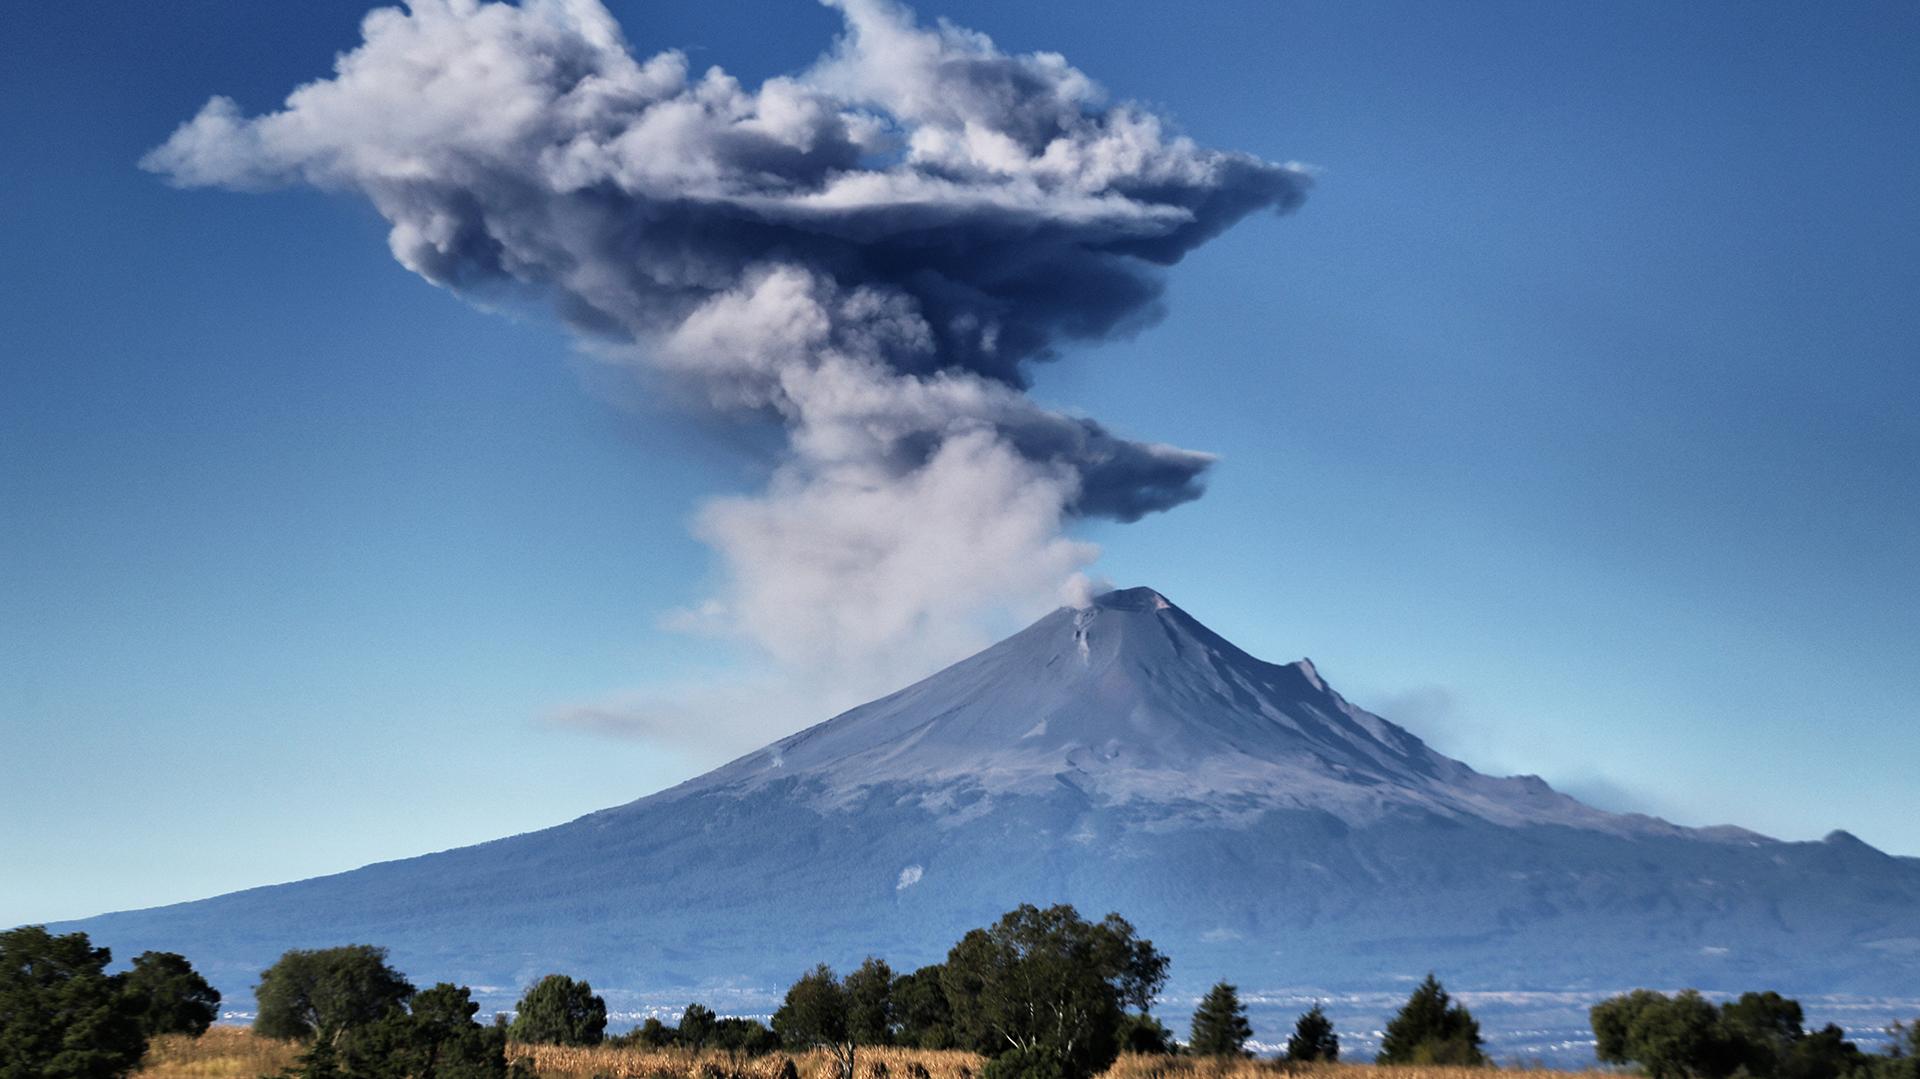 Las cenizas del volcán Popocatépetl vista desde la comunidad tepehiteca en el estado de Tlaxcala, México, el 10 de noviembre de 2017. (AFP)